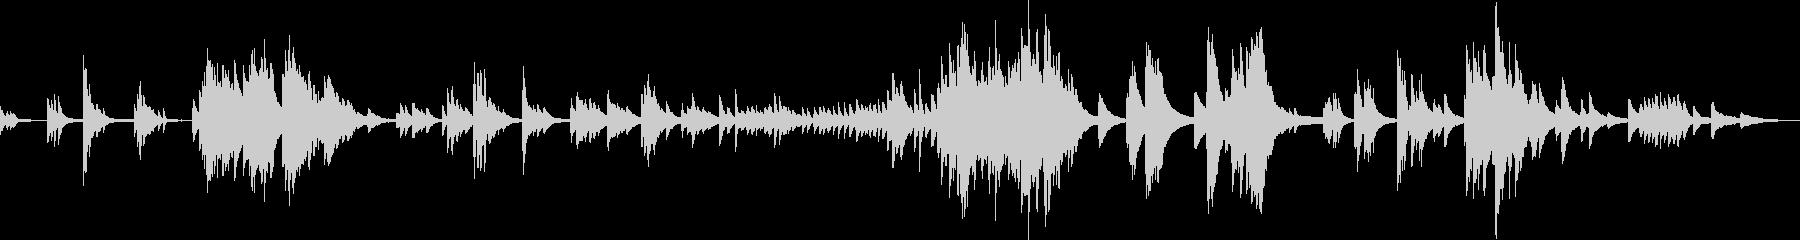 運命の螺旋(ピアノソロ・悲しい・切ない)の未再生の波形